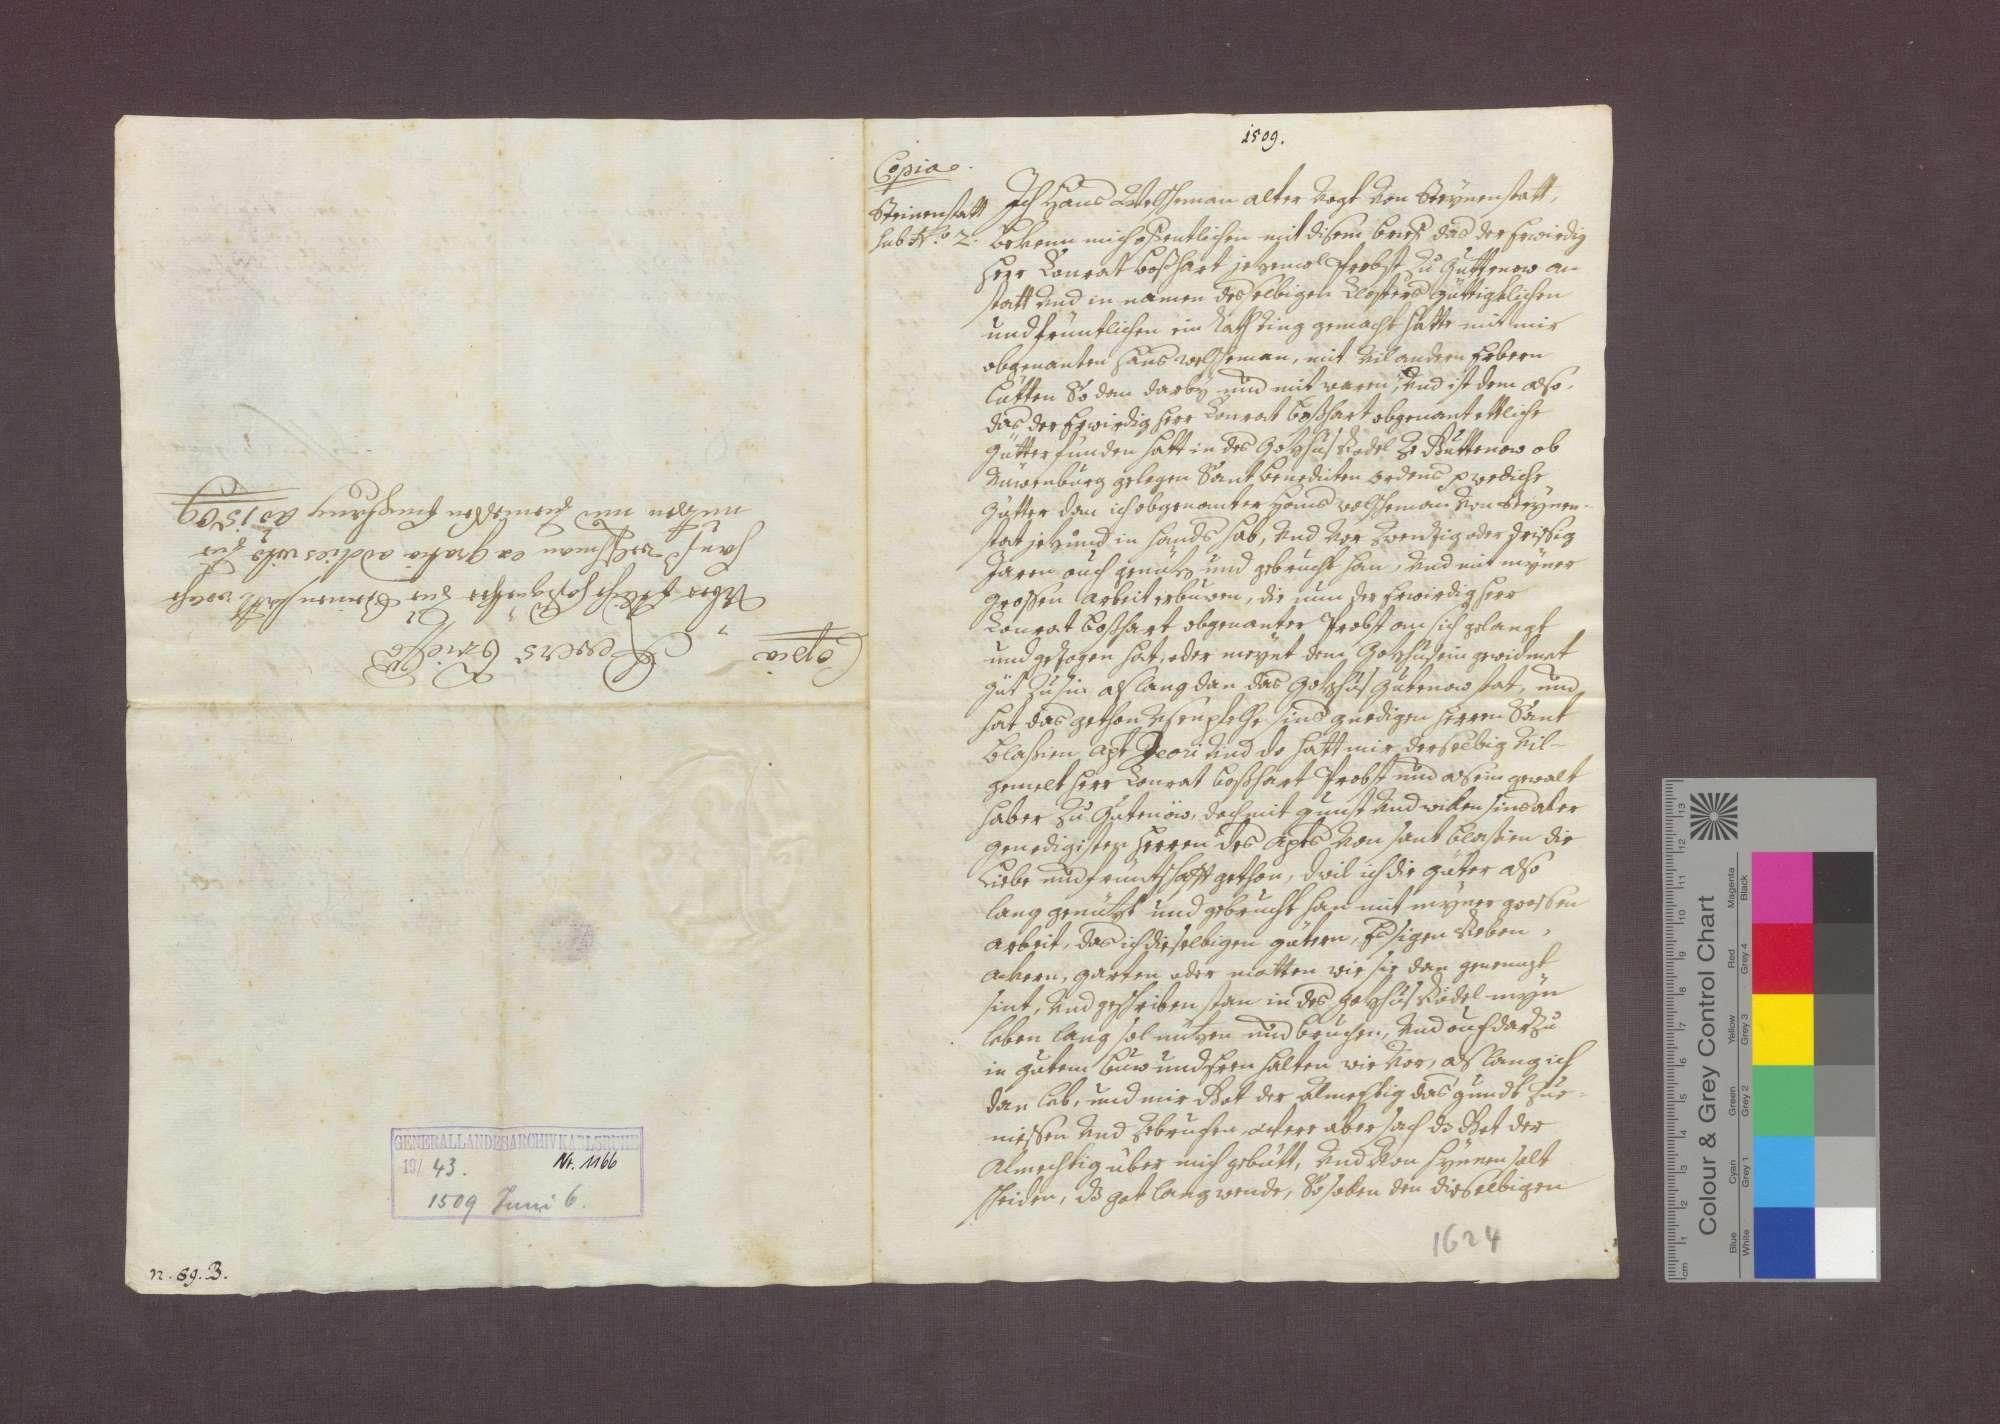 Hans Welchemann zu Steinenstadt bekennt, das Kloster Gutnau habe ihm Güter, die er seint langem genutzt hat und die Eigentum des Klosters sind, zu lebenslanger Nutznießung überlassen., Bild 1